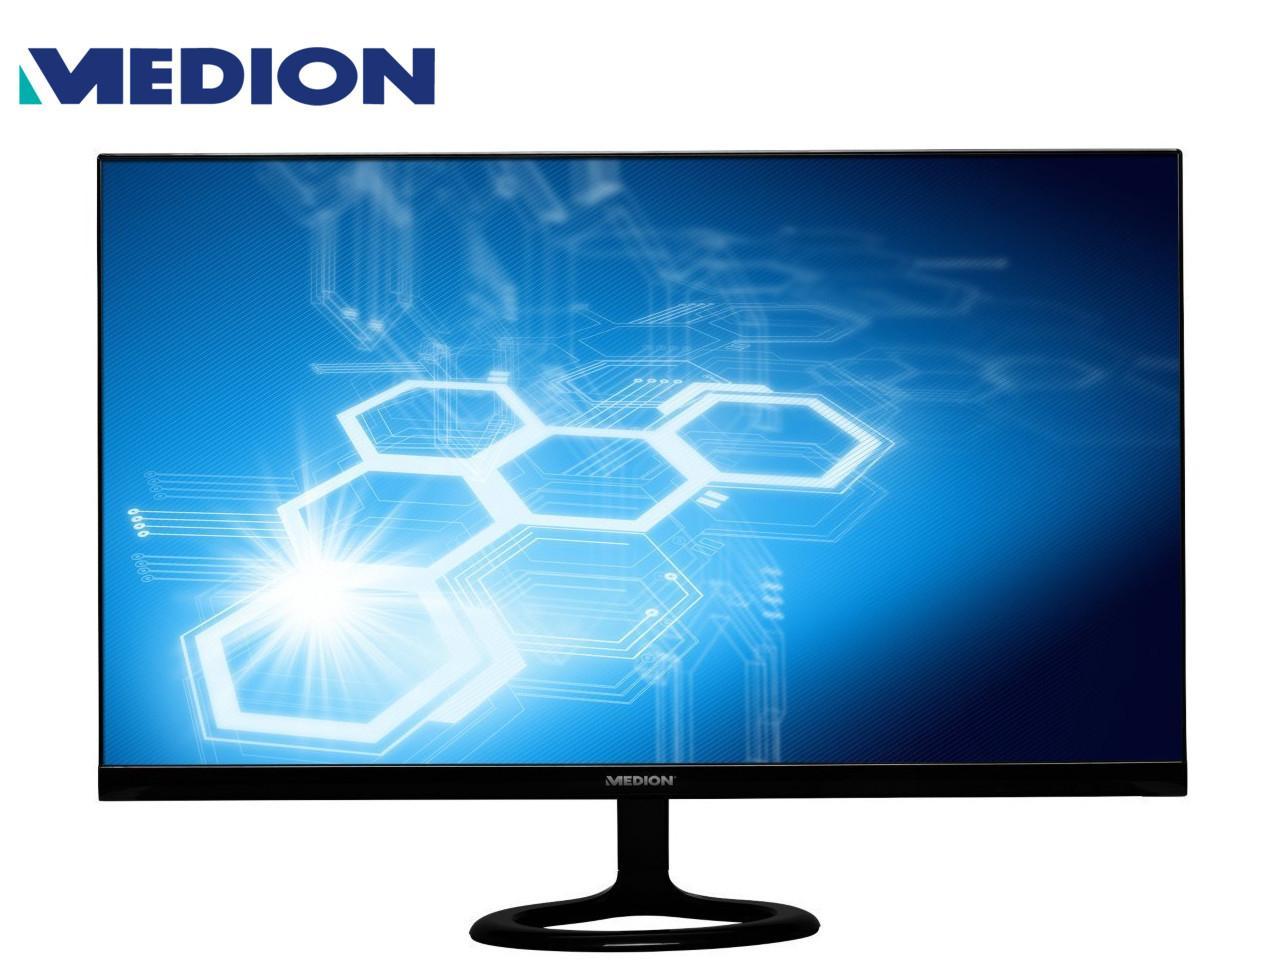 MEDION P57581 (MD 20581) + 100 Kč na dárky nebo další nákup | CHAT on-line podpora PO-PÁ 8-22.00!!